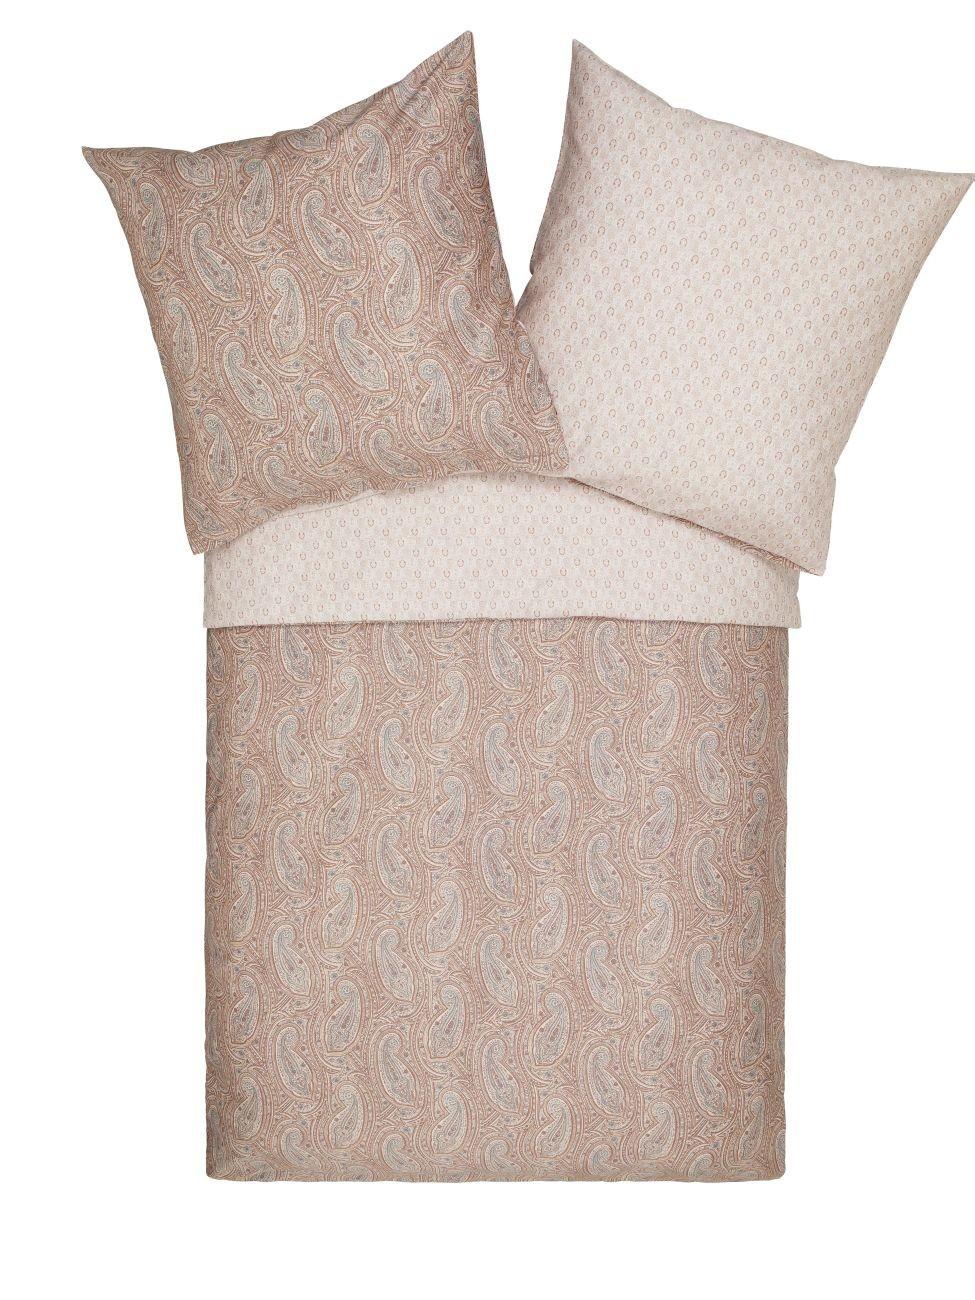 zucchi niral bettw sche garnitur aus satin online kaufen bei woonio. Black Bedroom Furniture Sets. Home Design Ideas